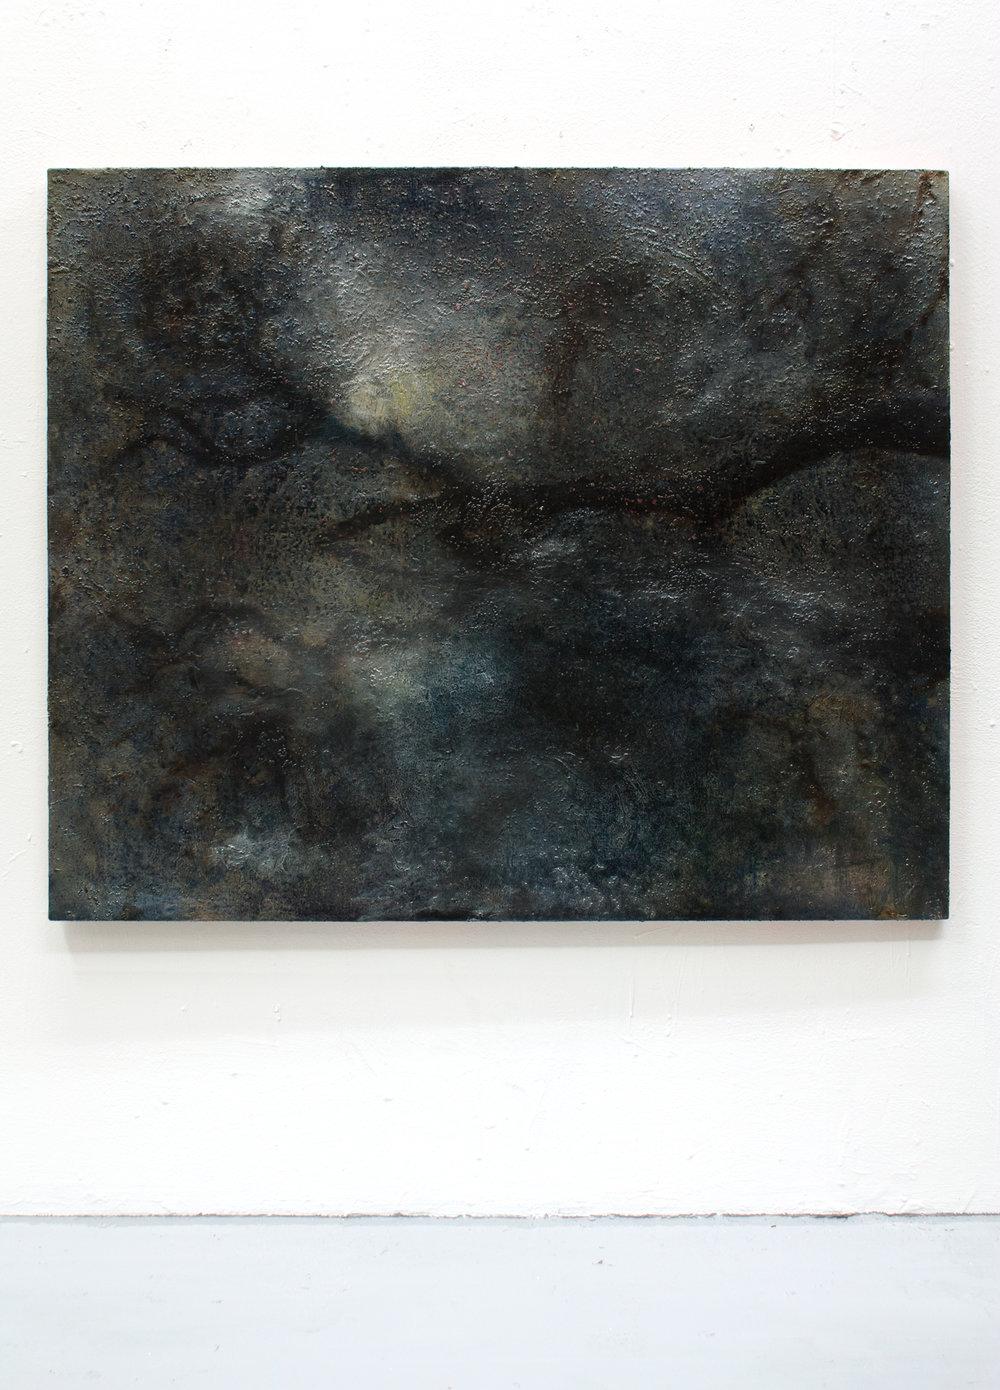 No title | Martin Ålund